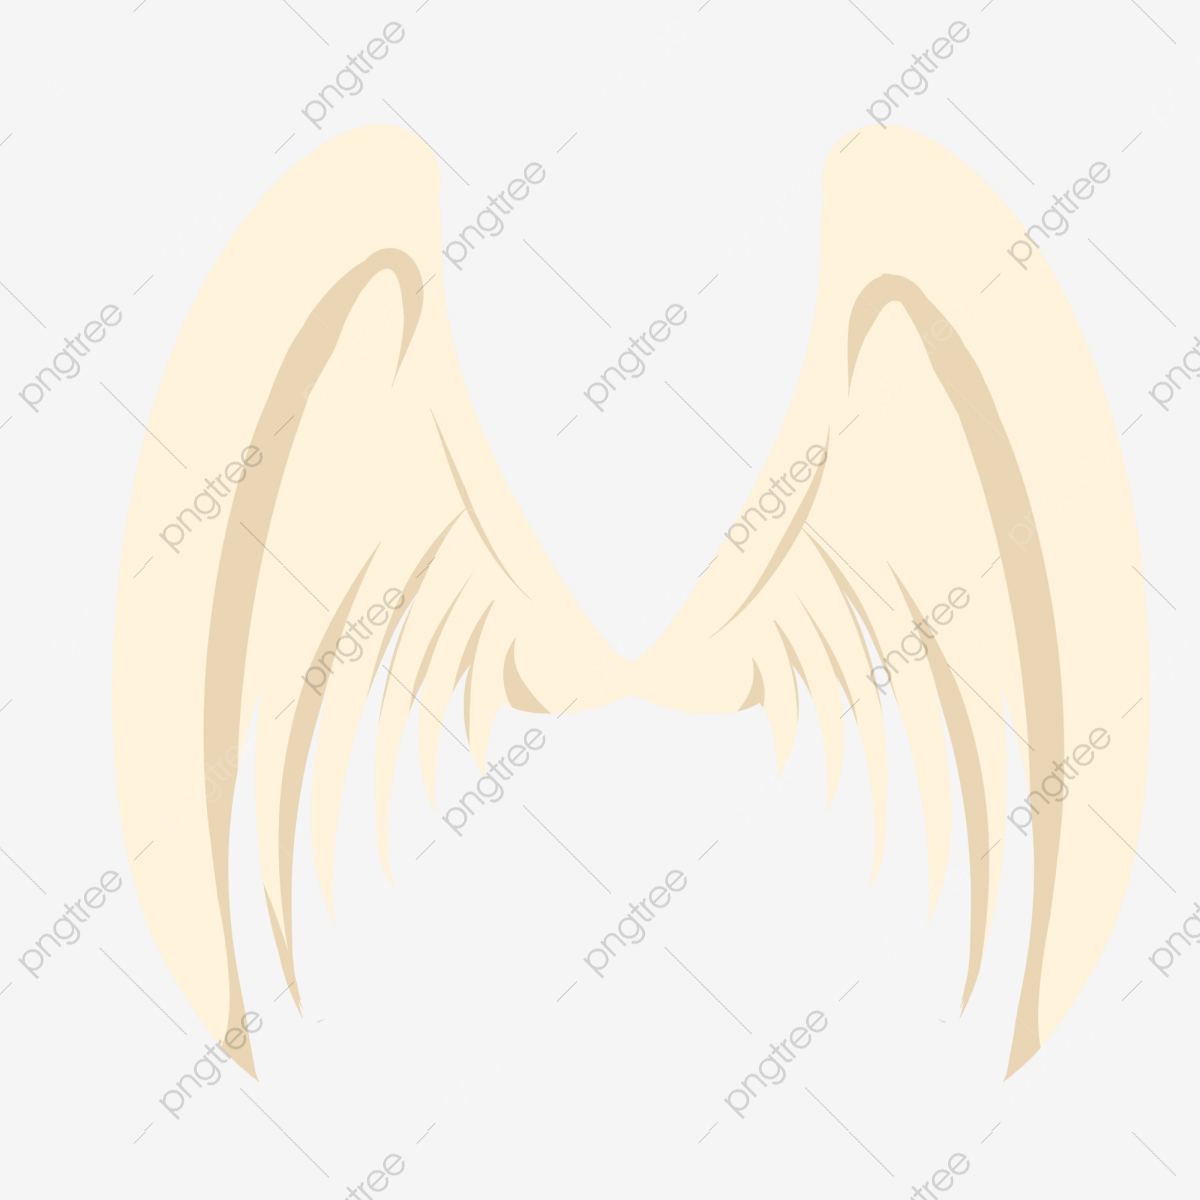 Flügel Entfalten Beige Flügel Hand Gezeichnete Engelsflügel verwandt mit Engelsflügel Gezeichnet